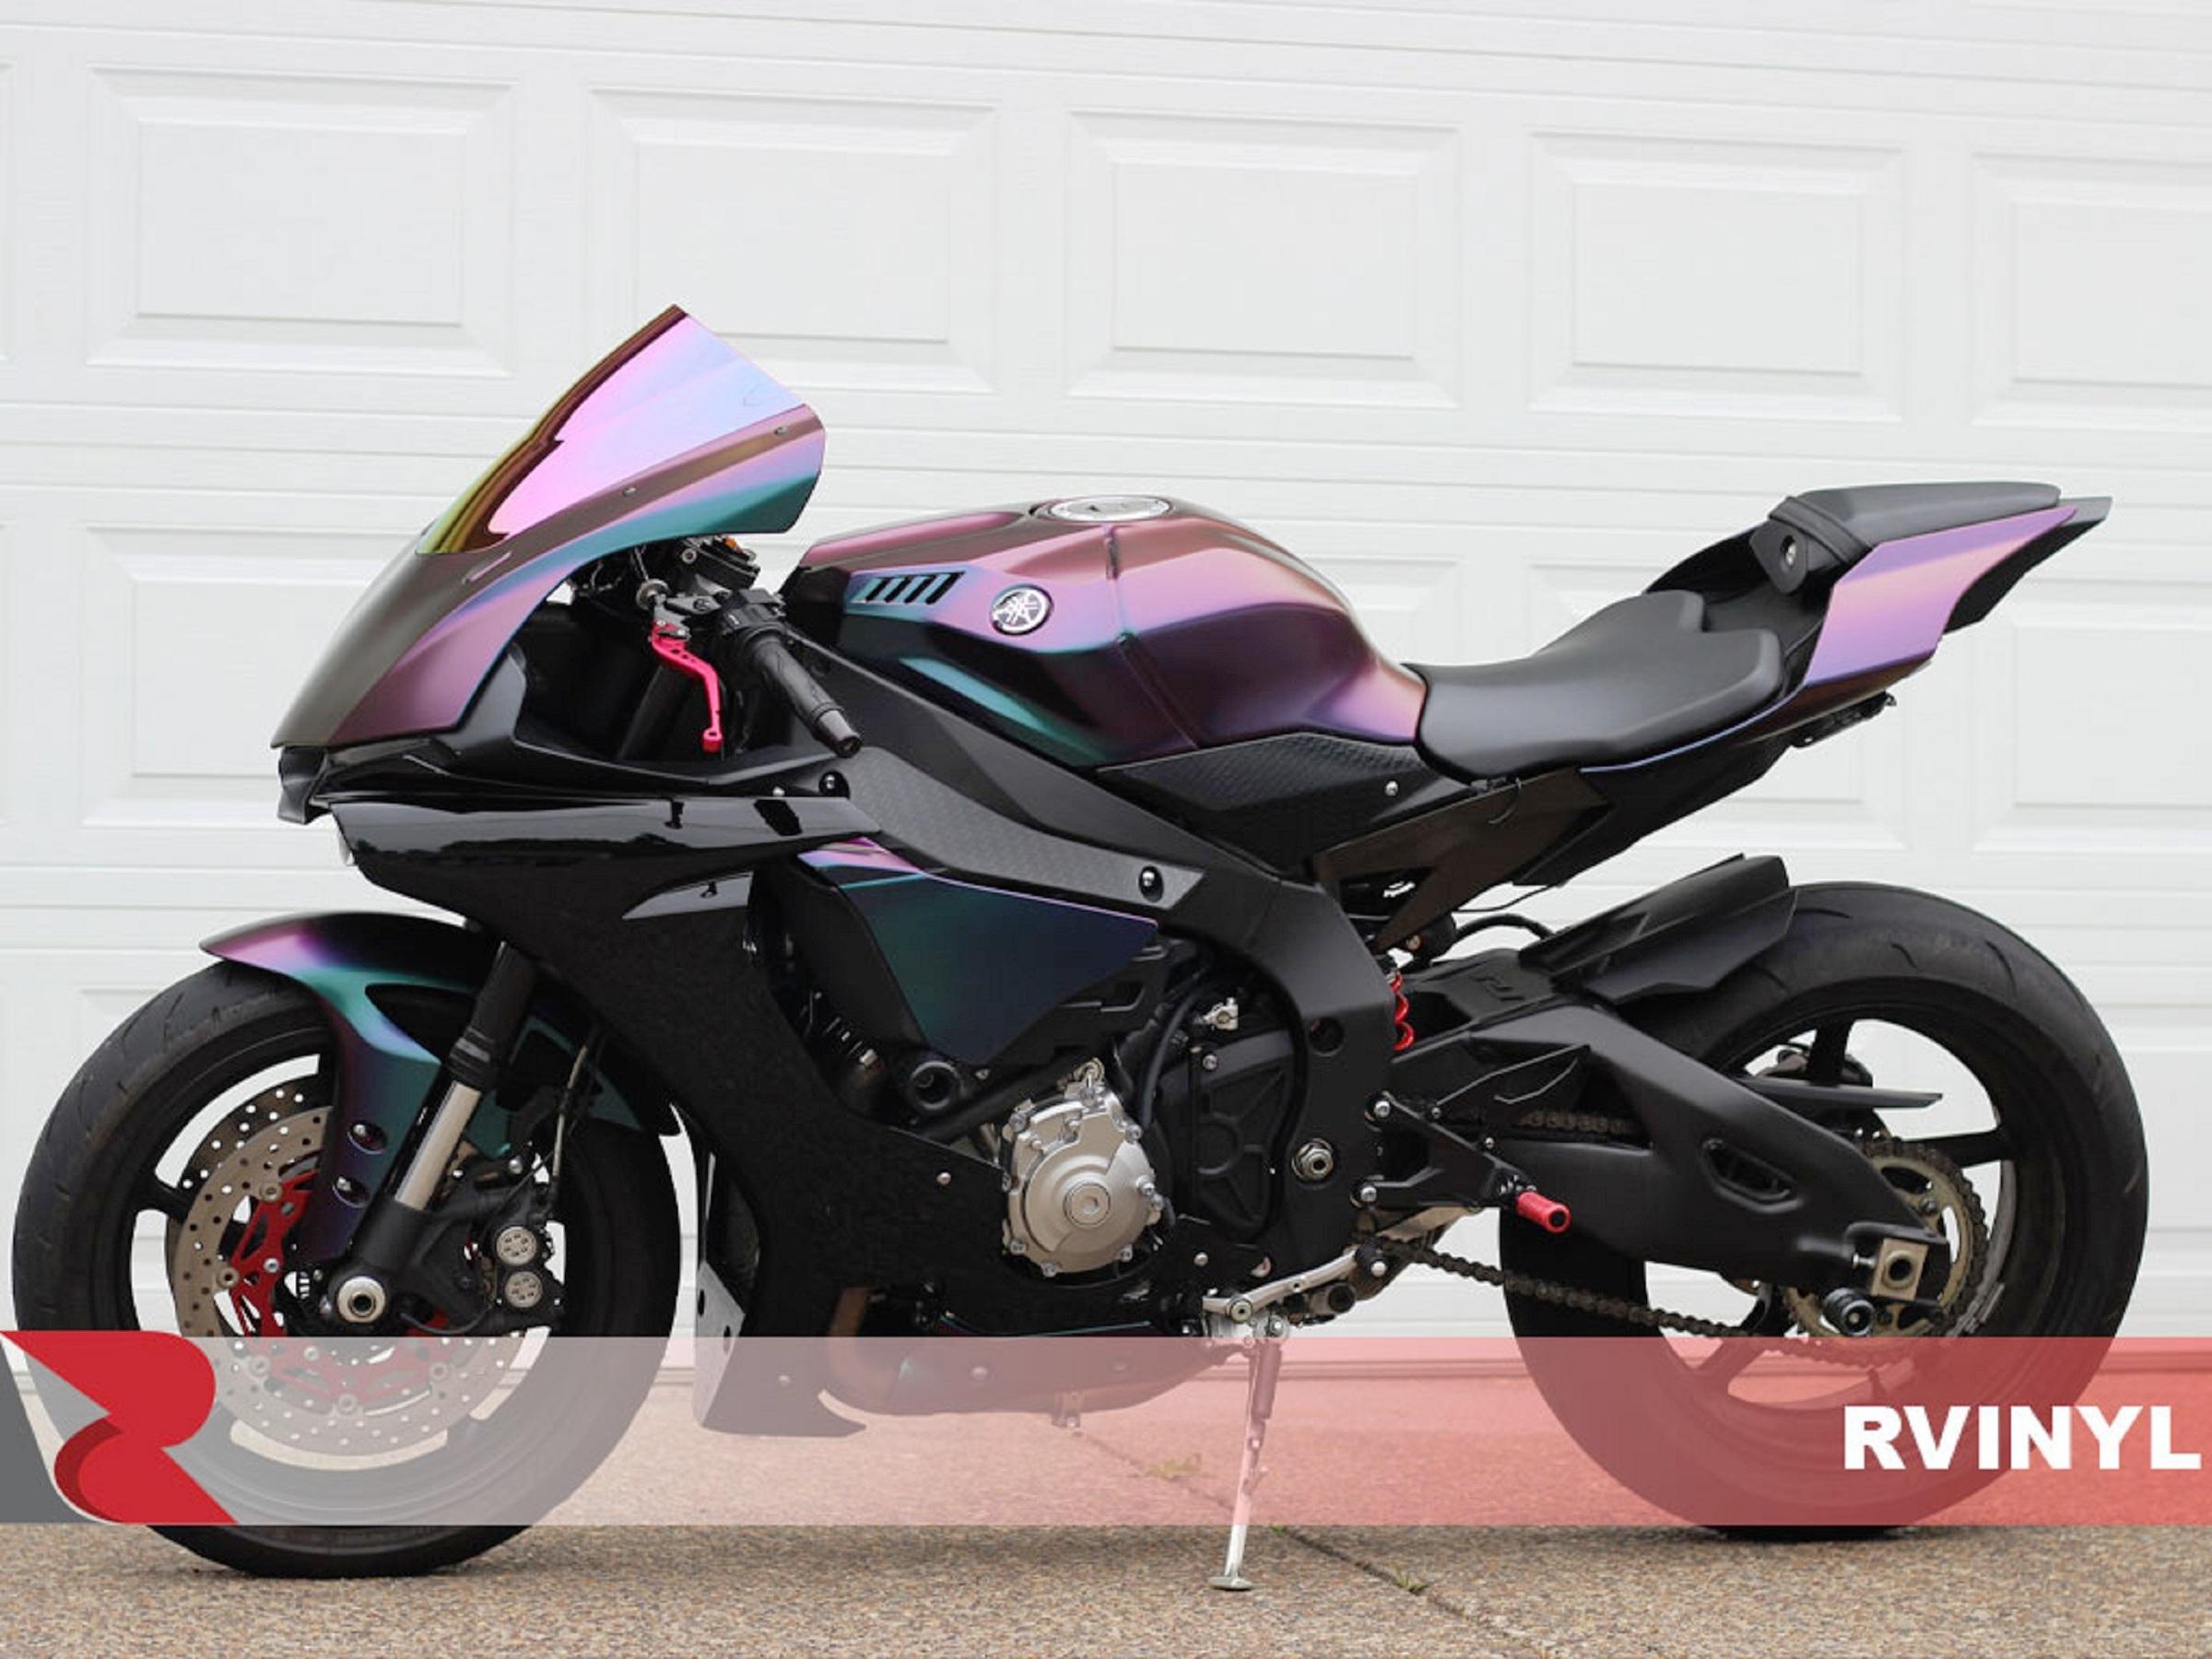 envelopamento de motos